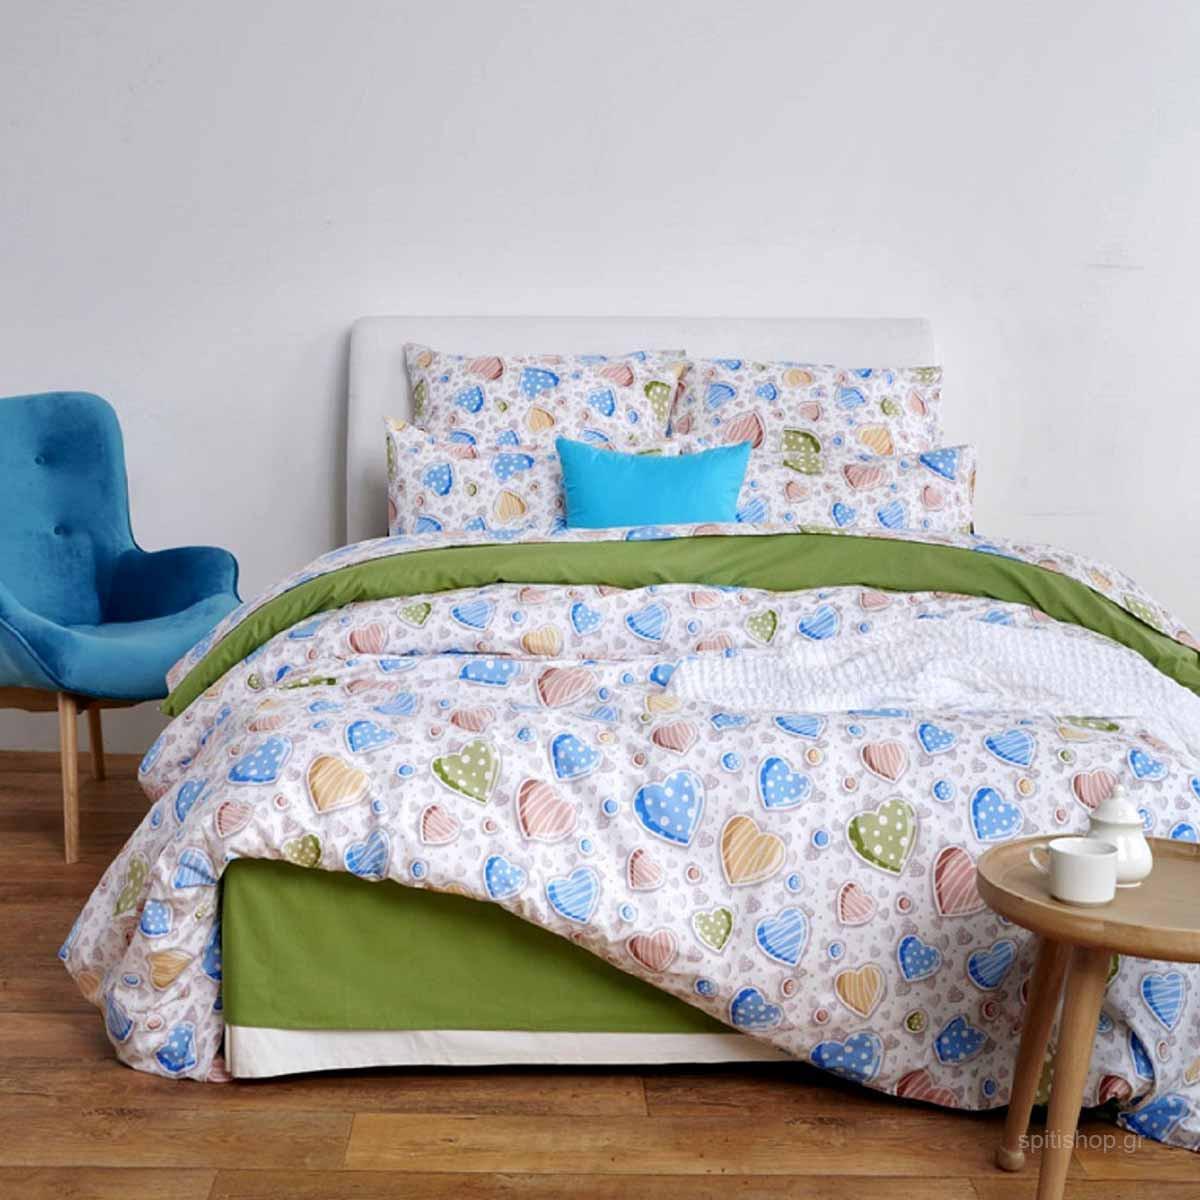 Κουβερλί Υπέρδιπλο Sb Home In Love Blue